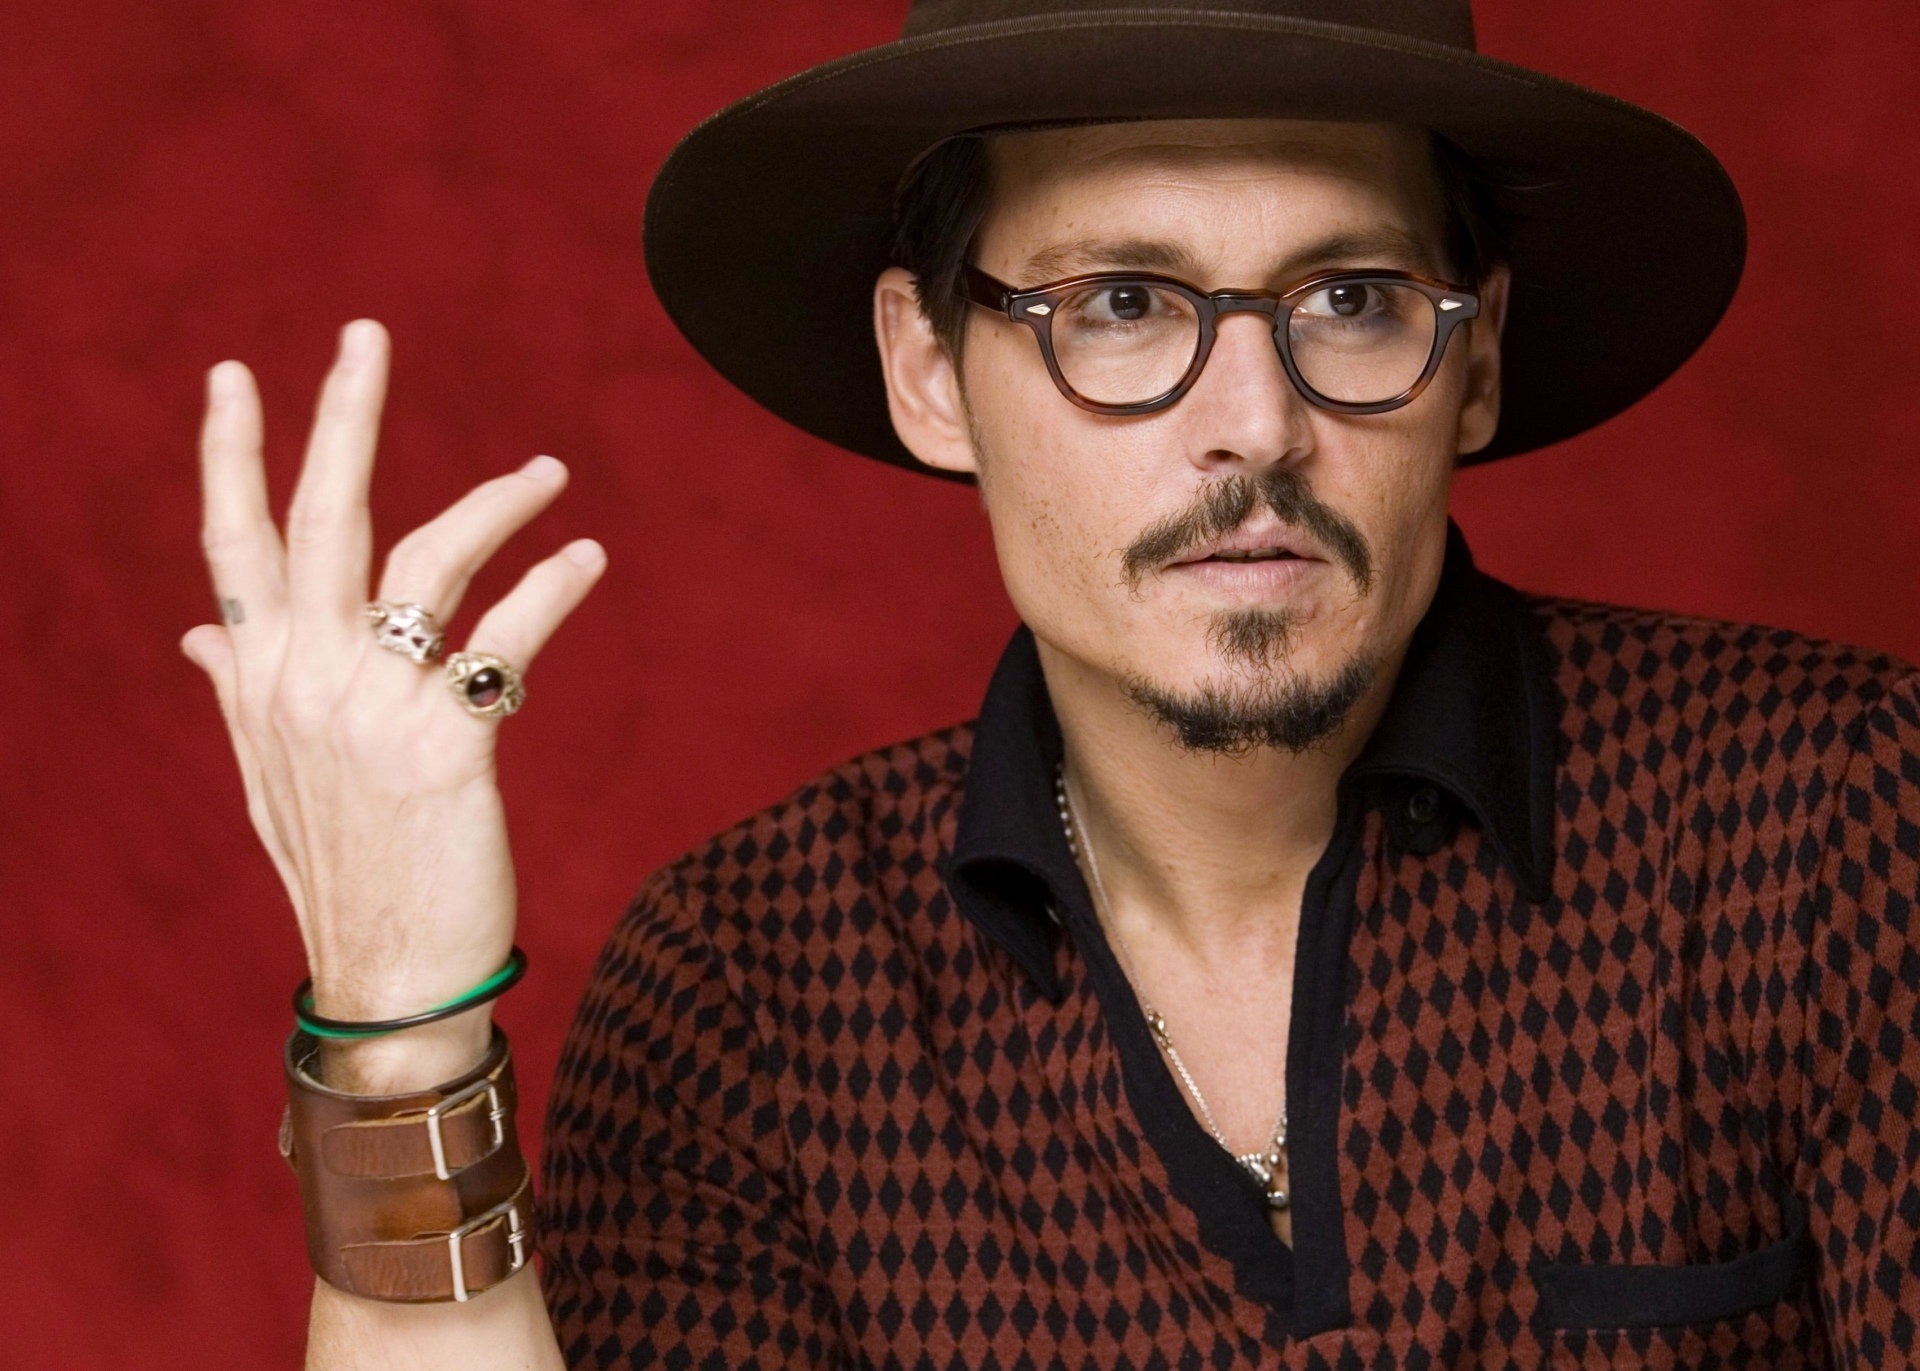 Fondos De Pantalla De Johnny Depp, Wallpapers HD Gratis